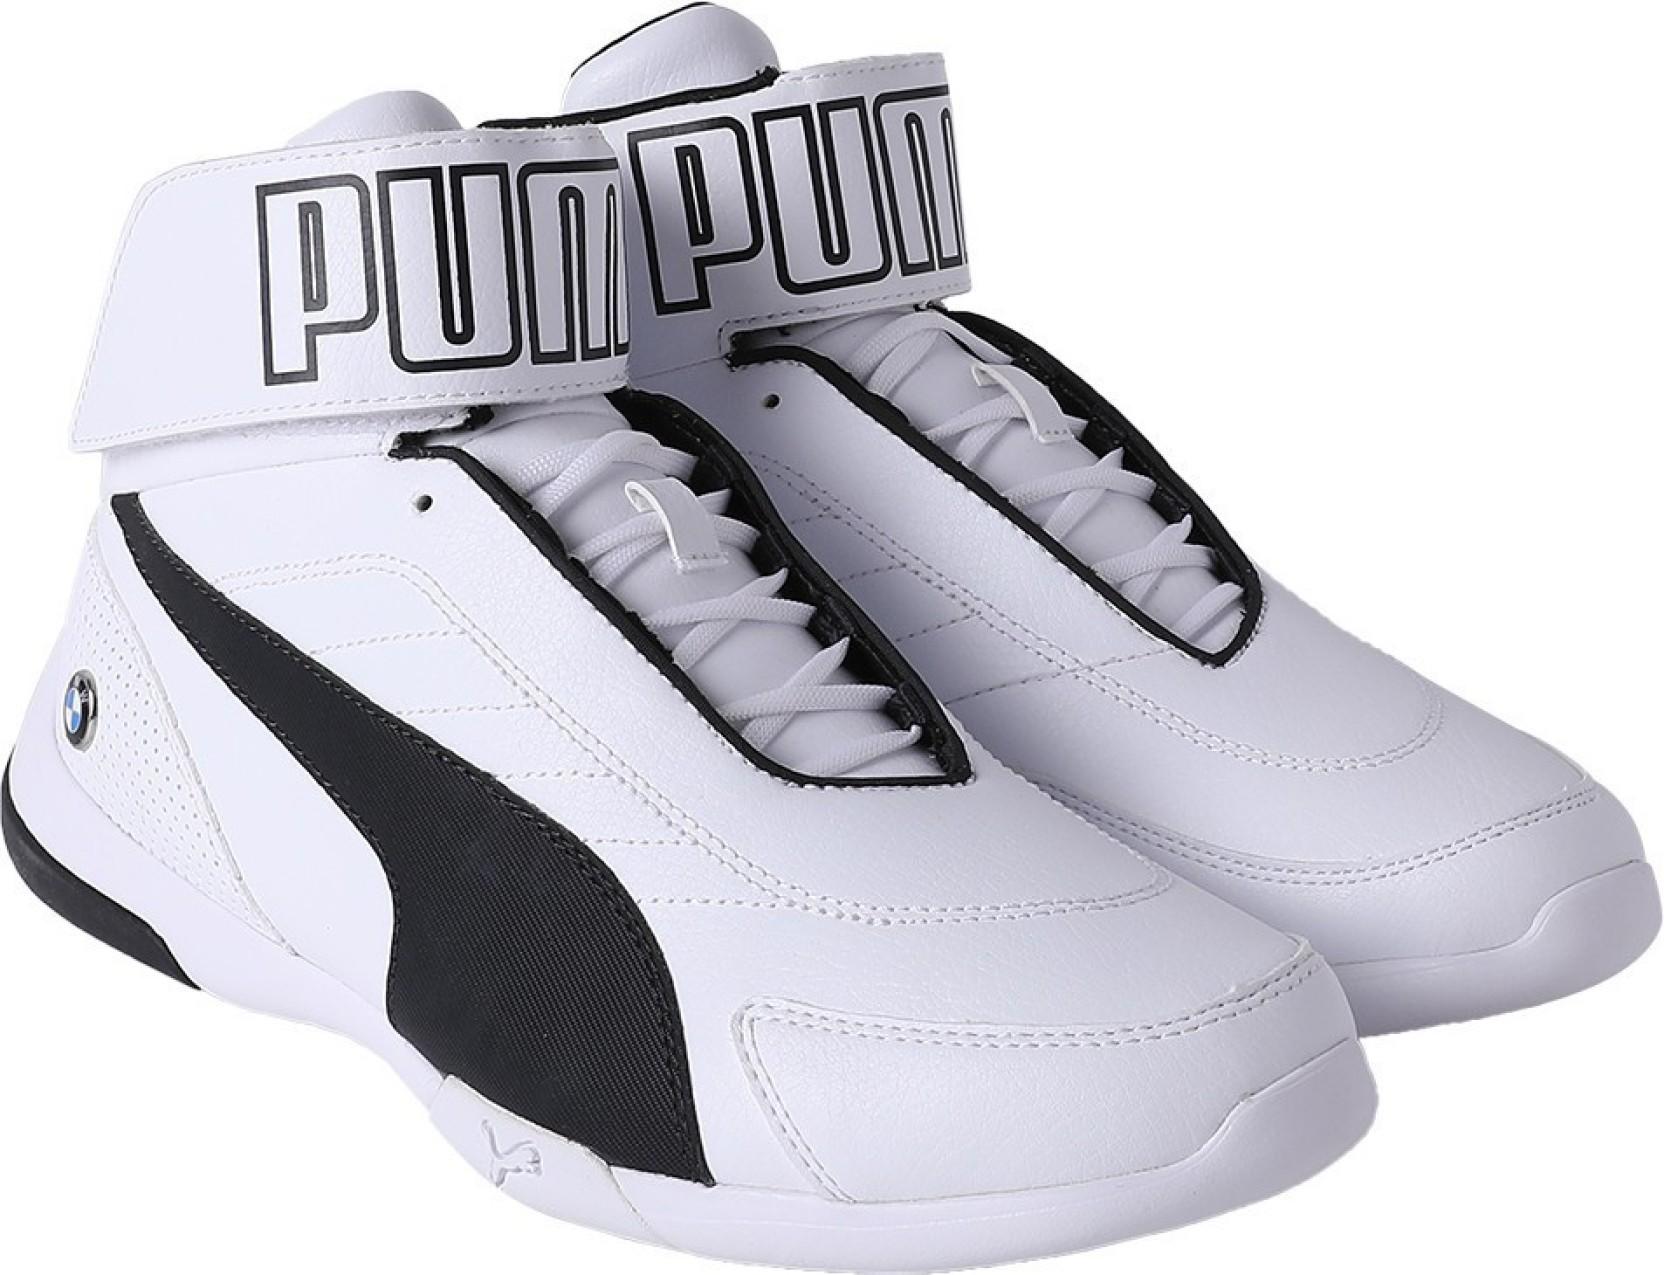 a35c34171cc1 Puma kart cat mid iii sneakers for men buy puma mms jpg 1664x1275 Cat mid  mms